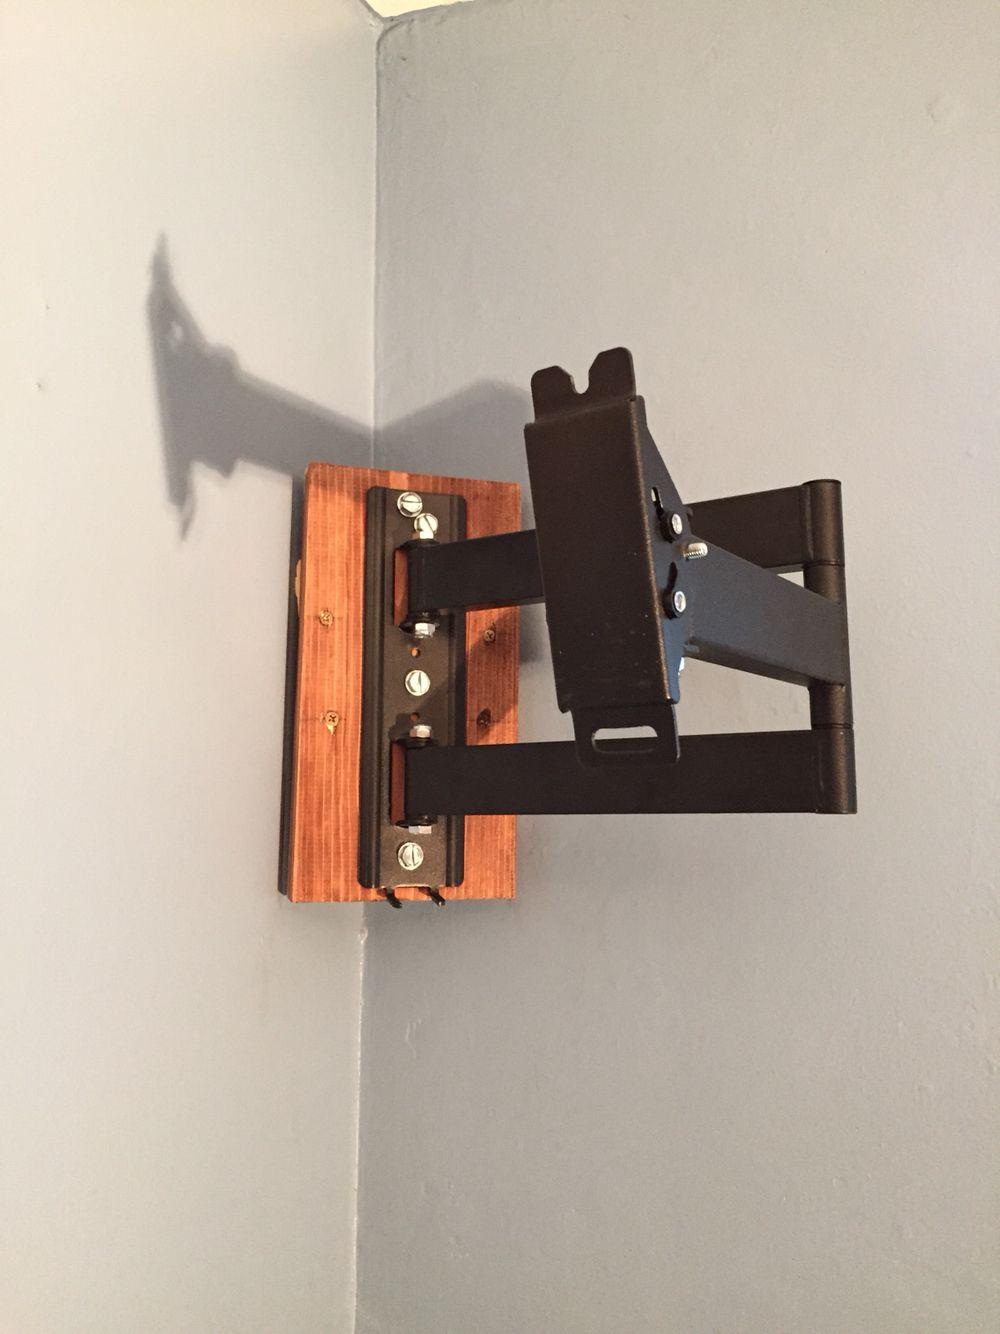 corner tv mount my diys pinterest corner tv mount and corner tv. Black Bedroom Furniture Sets. Home Design Ideas